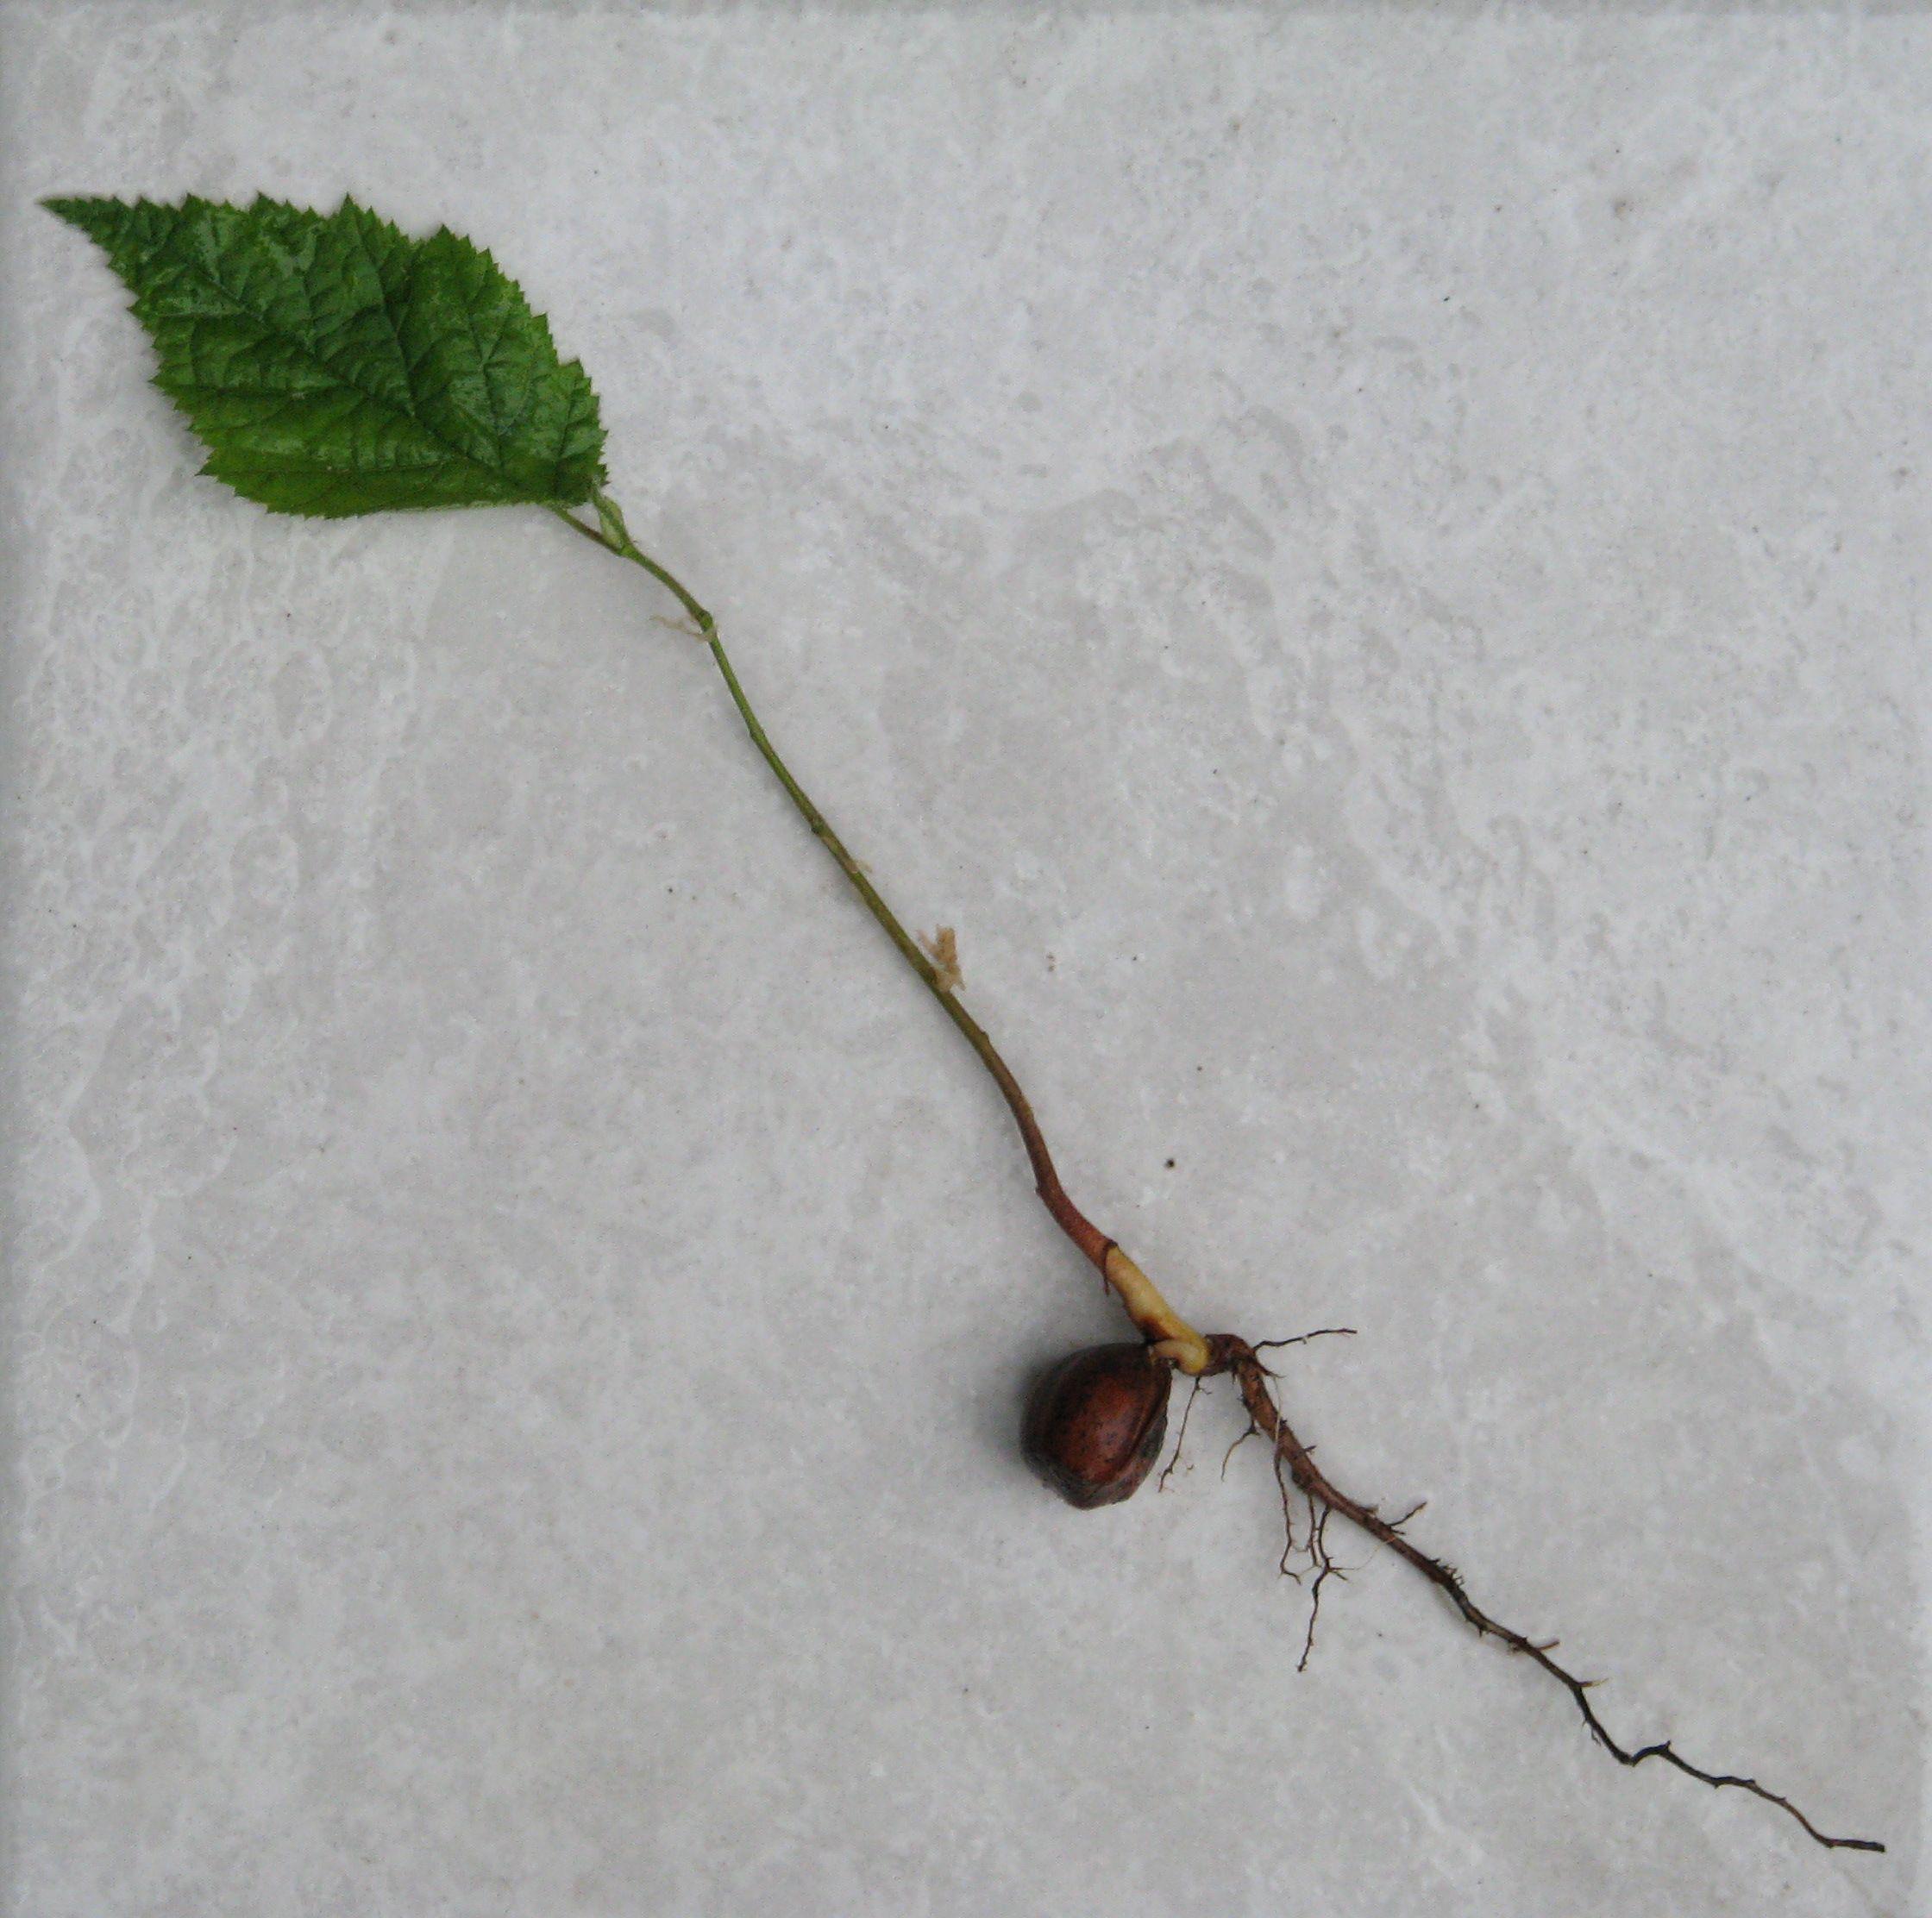 Hazelnuts-plant